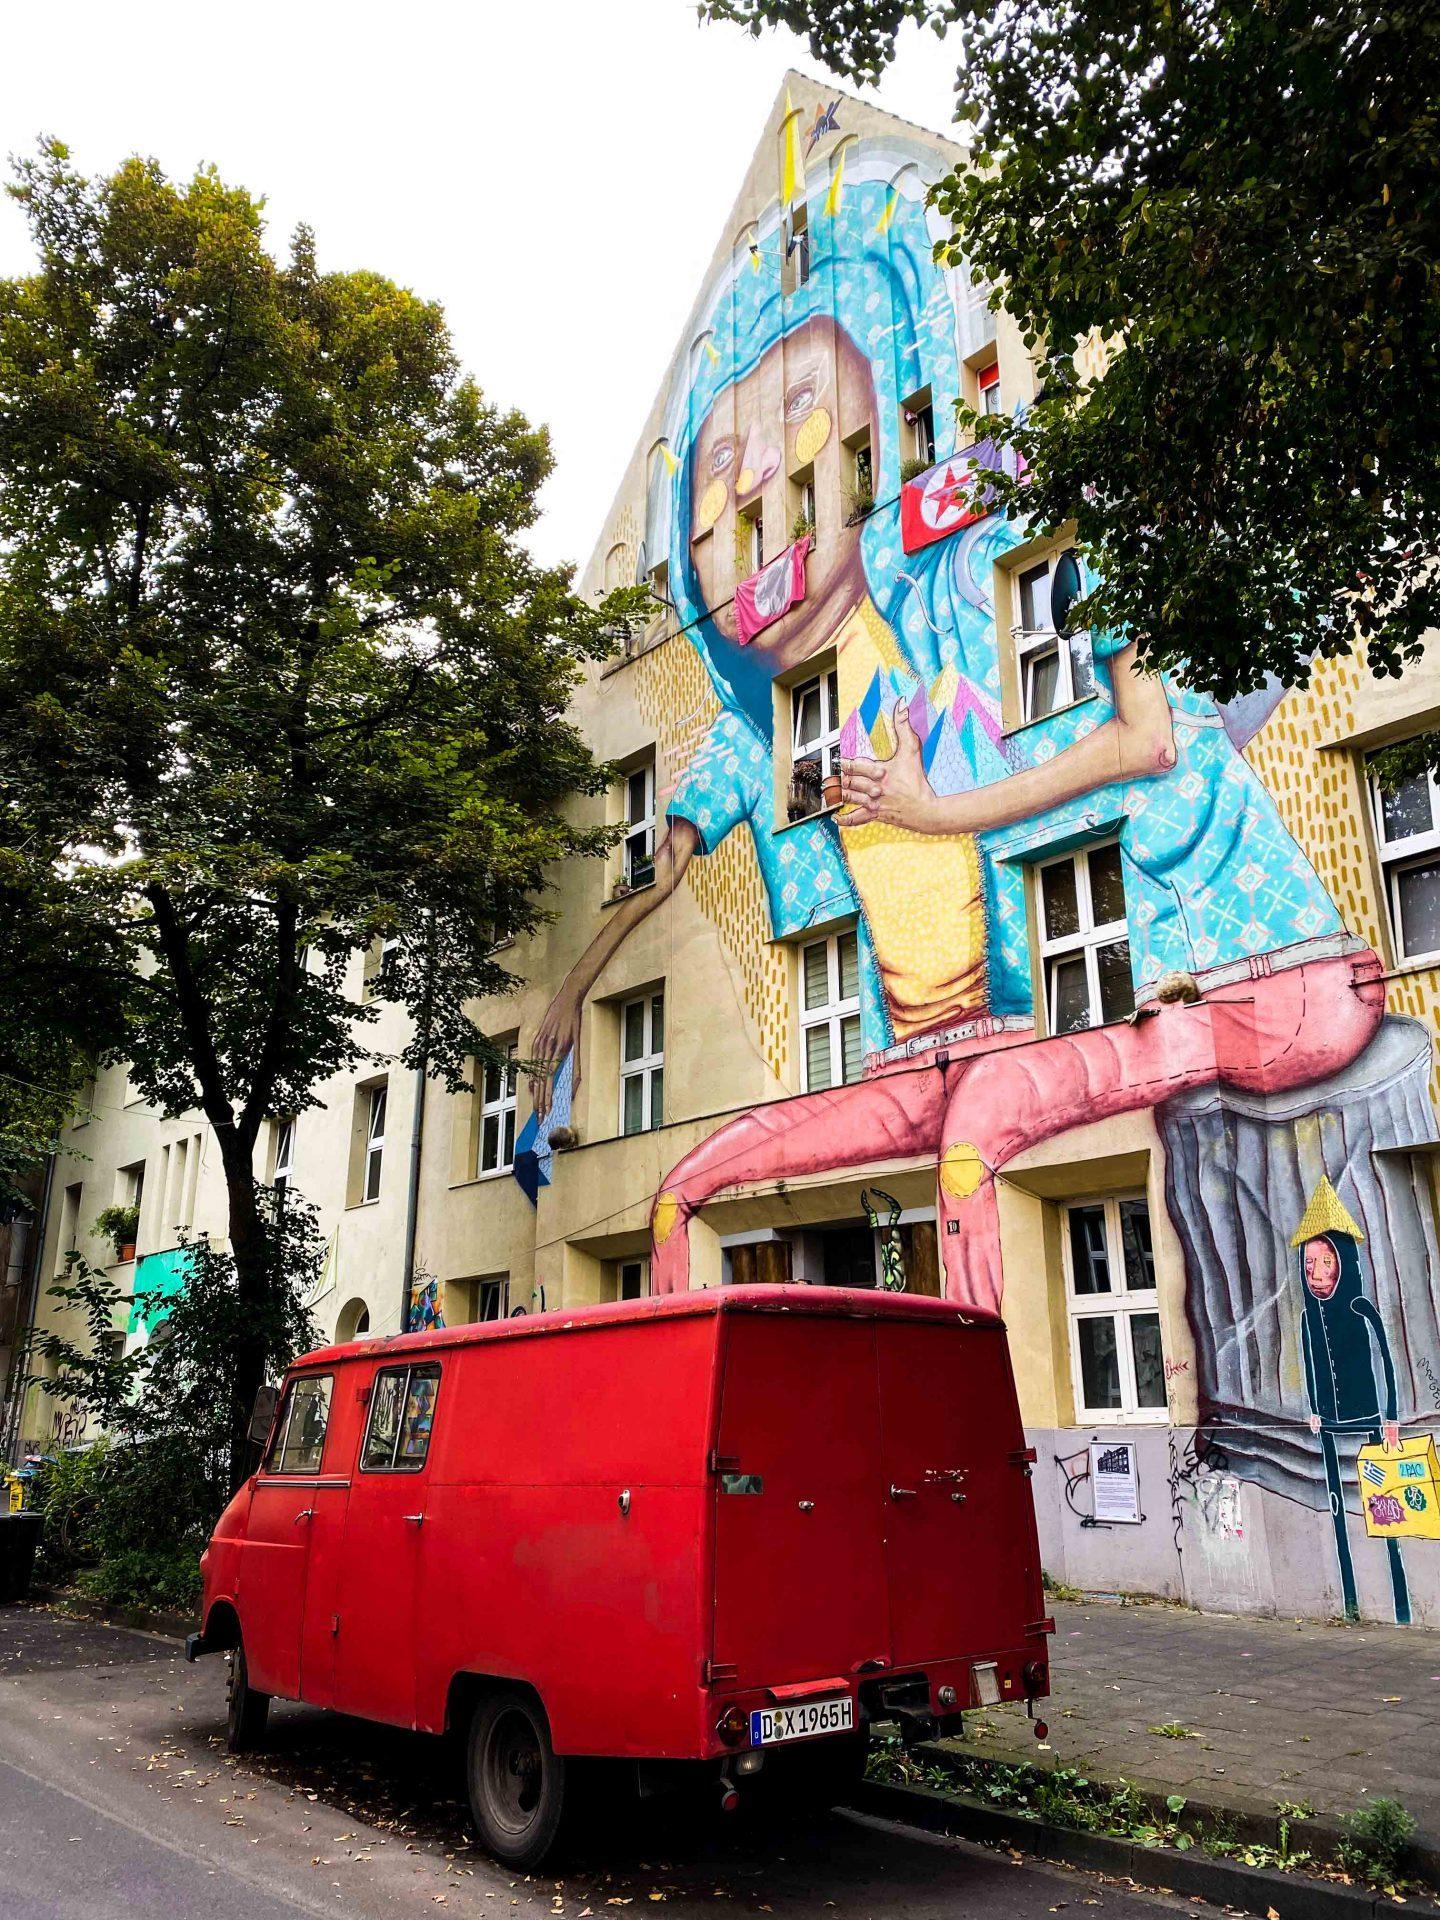 אמנות רחוב דיסלדורף